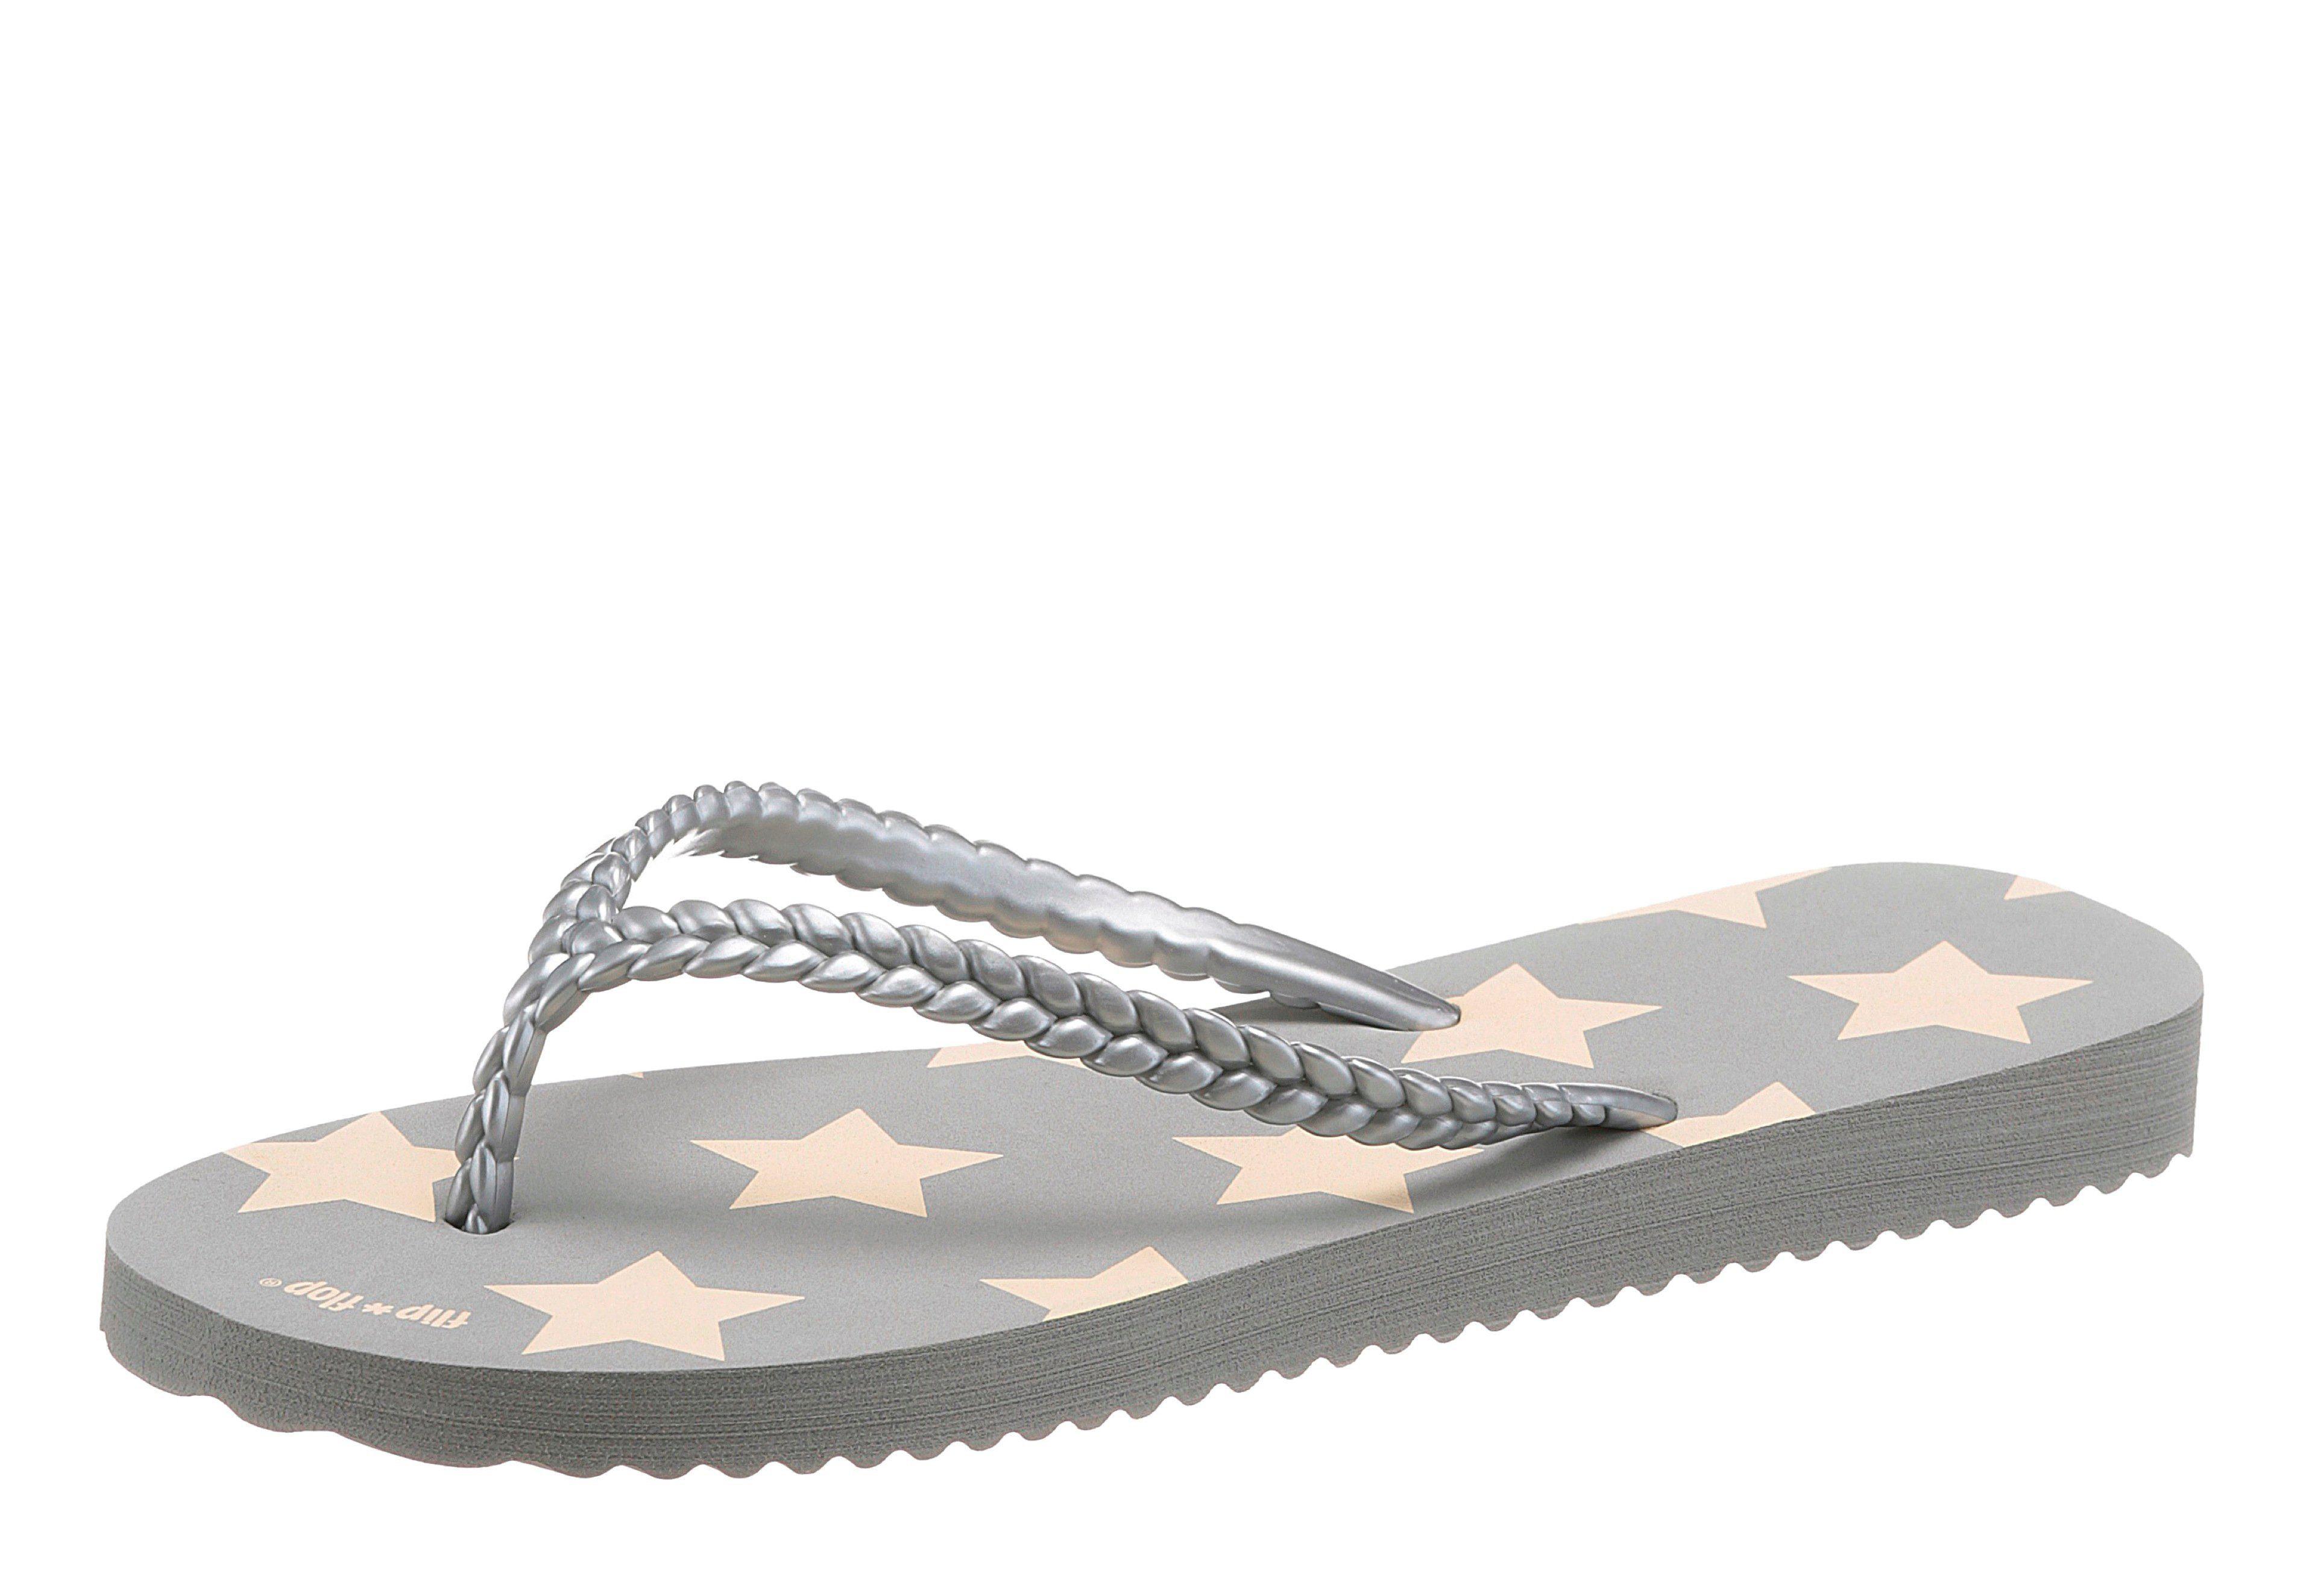 Flip Flop Zehentrenner, mit gemusterter Decksohle  grau